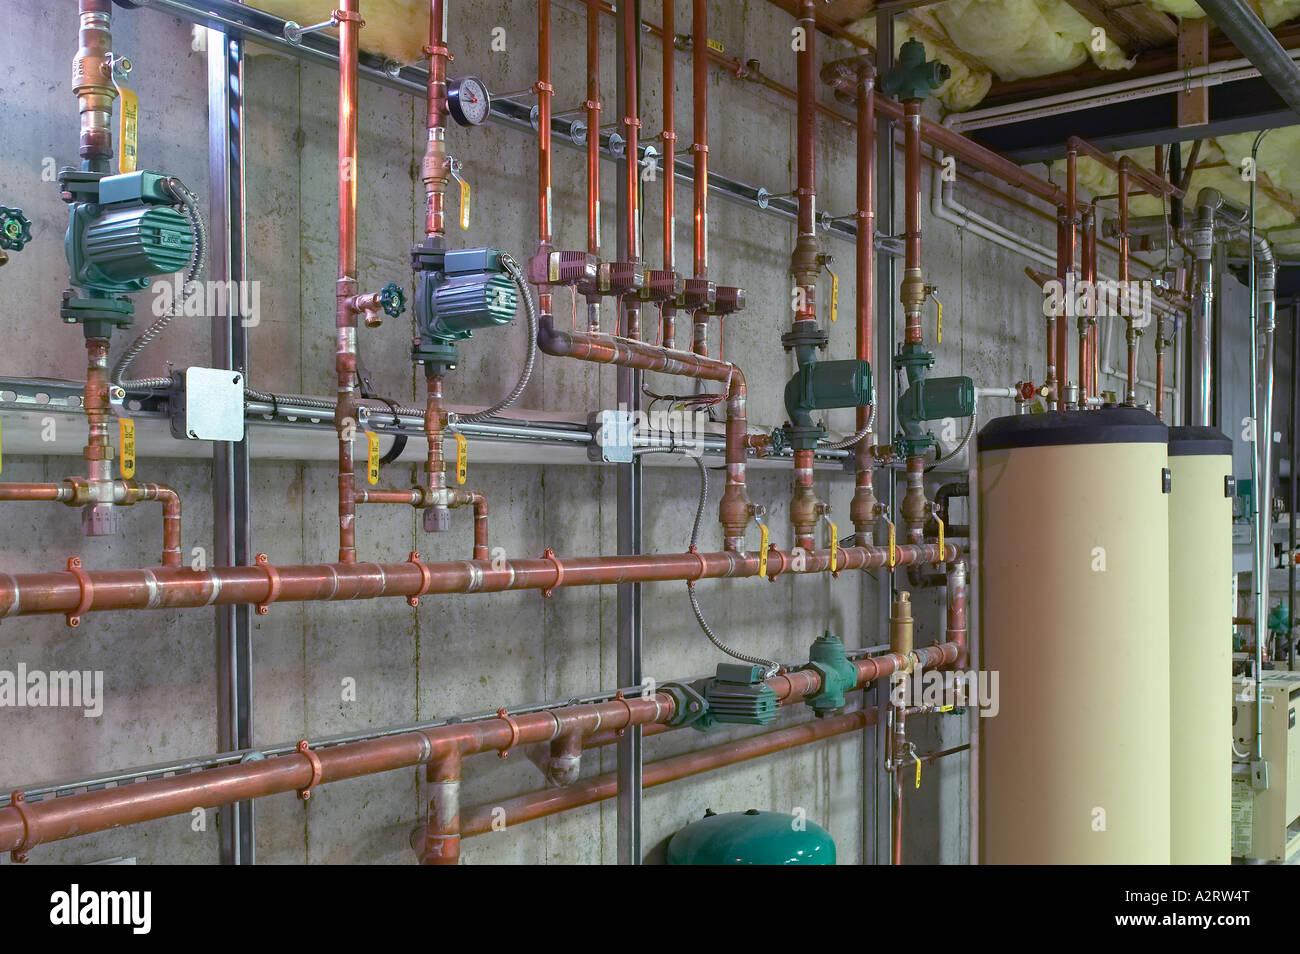 Les tuyaux d'eau en cuivre métal avec chauffe-eau au sous-sol Photo Stock